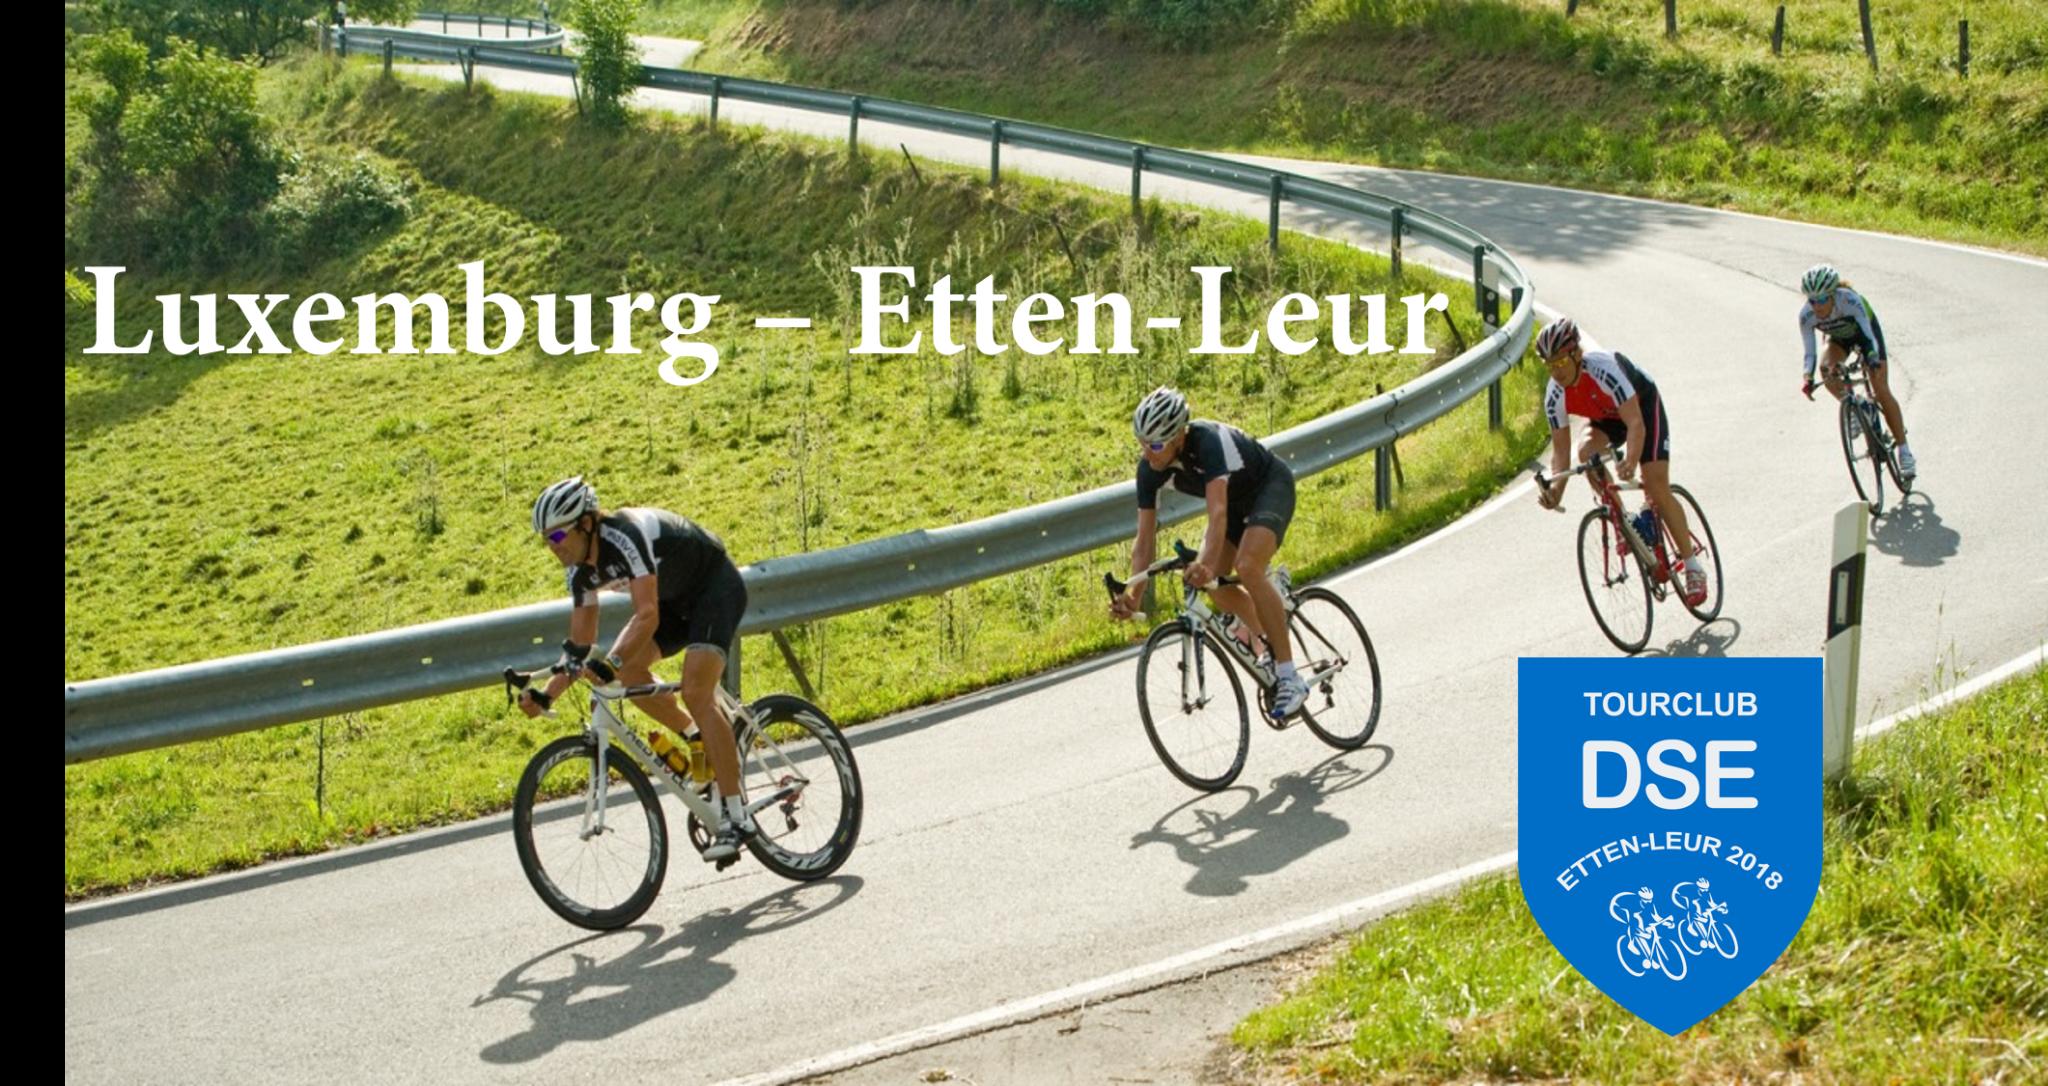 Aankomst TC DSE: Luxemburg - Etten-Leur